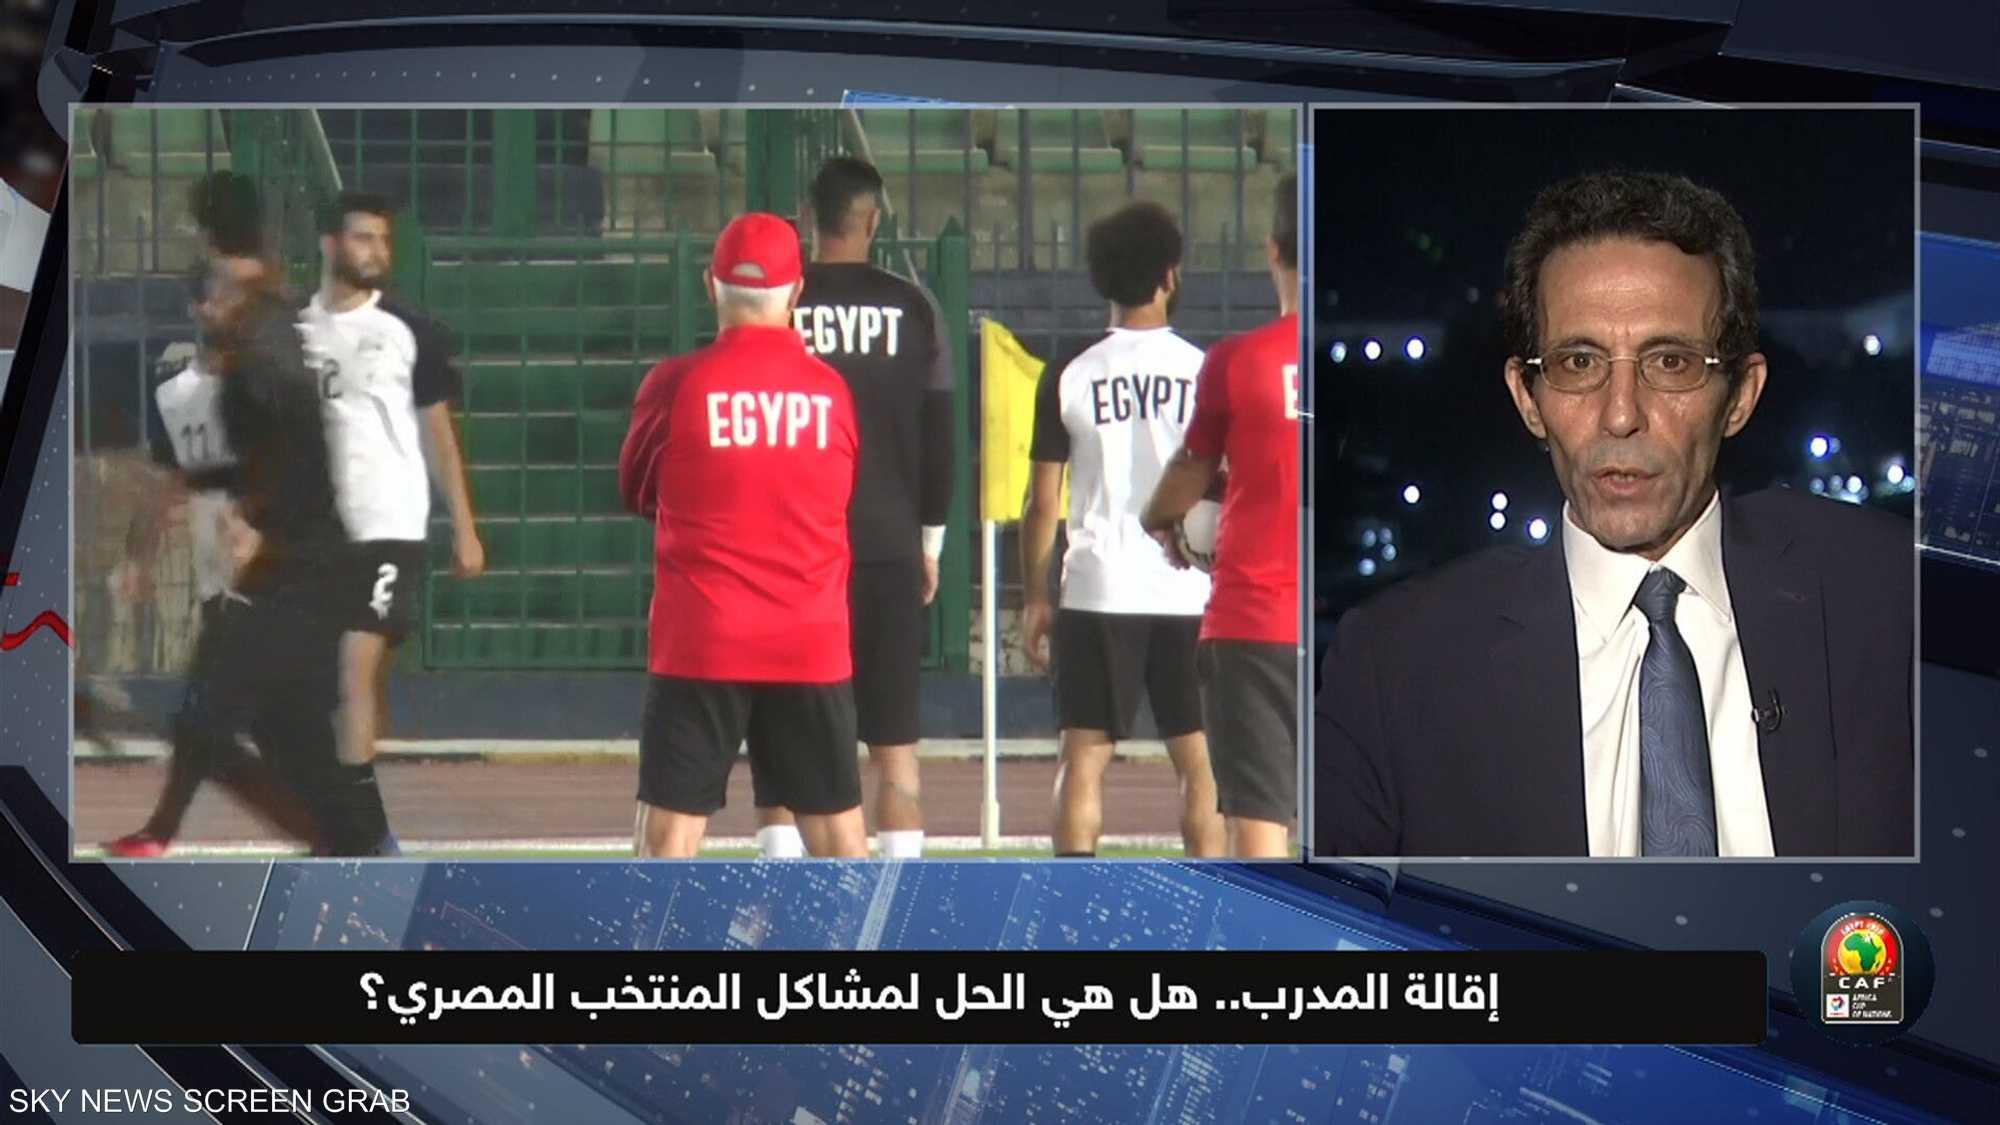 إقالة المدرب.. هل هي الحل لمشاكل المنتخب المصري؟